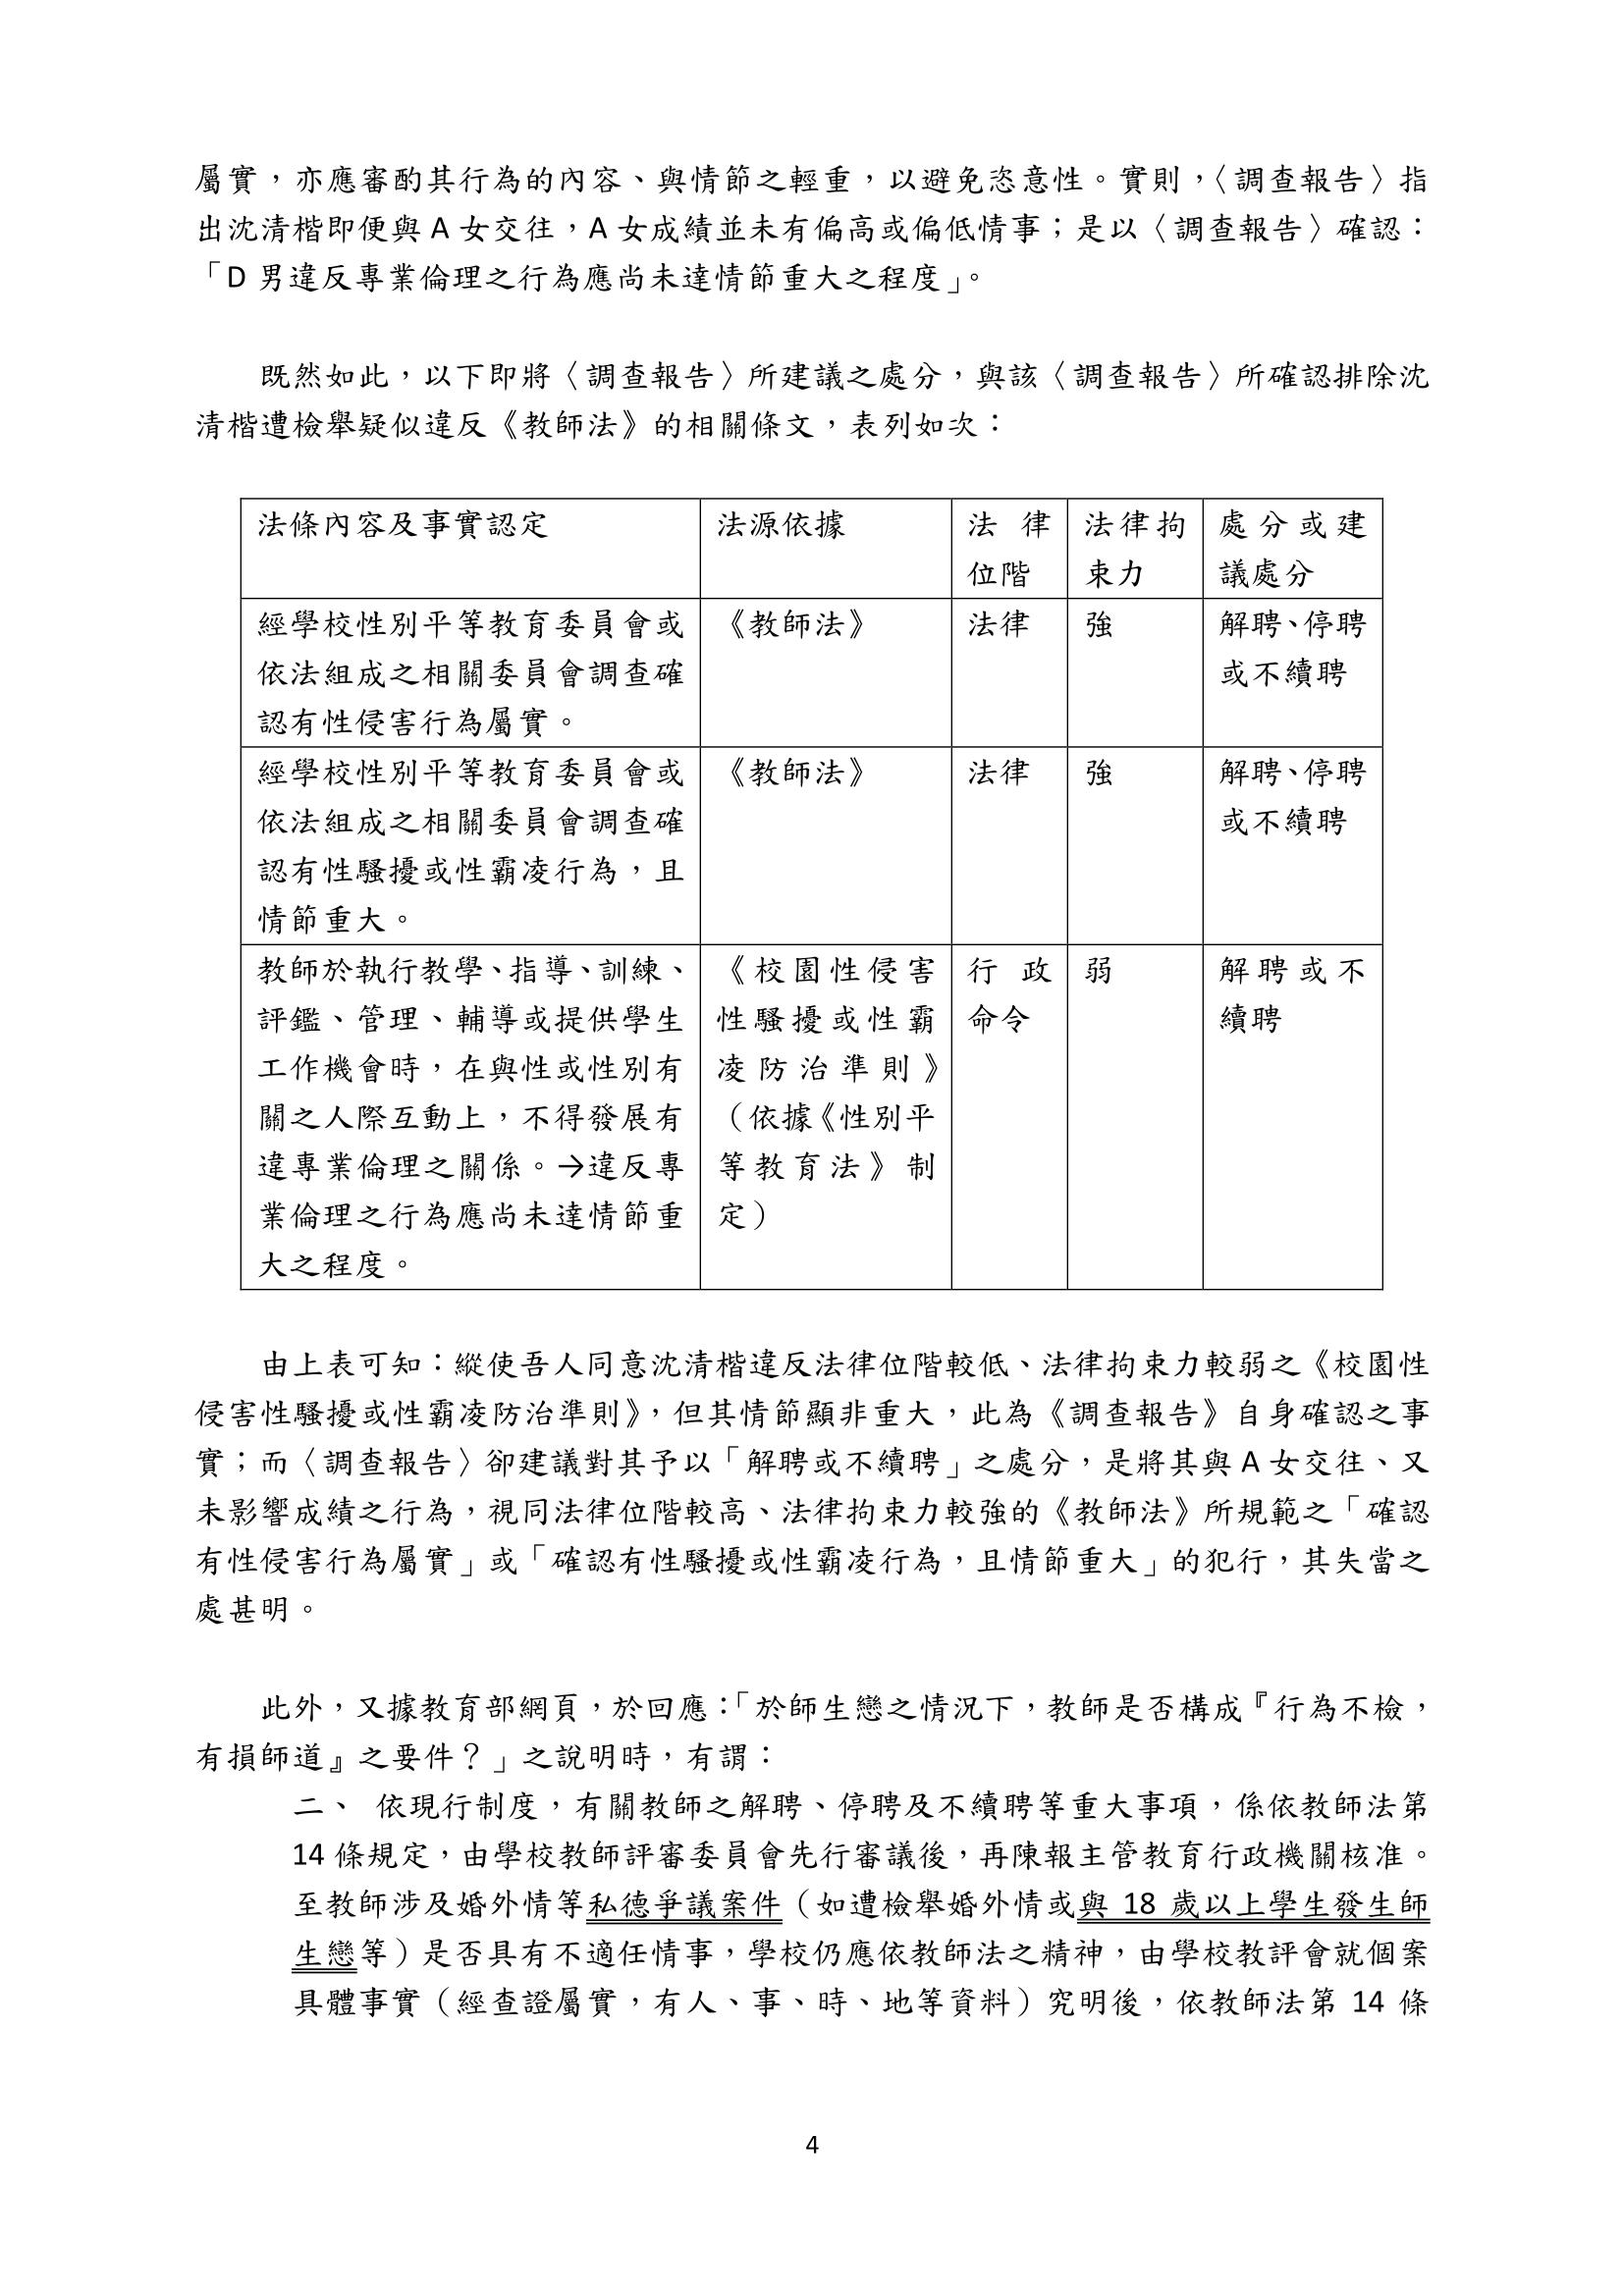 20190626致教評會意見陳述書-4.png